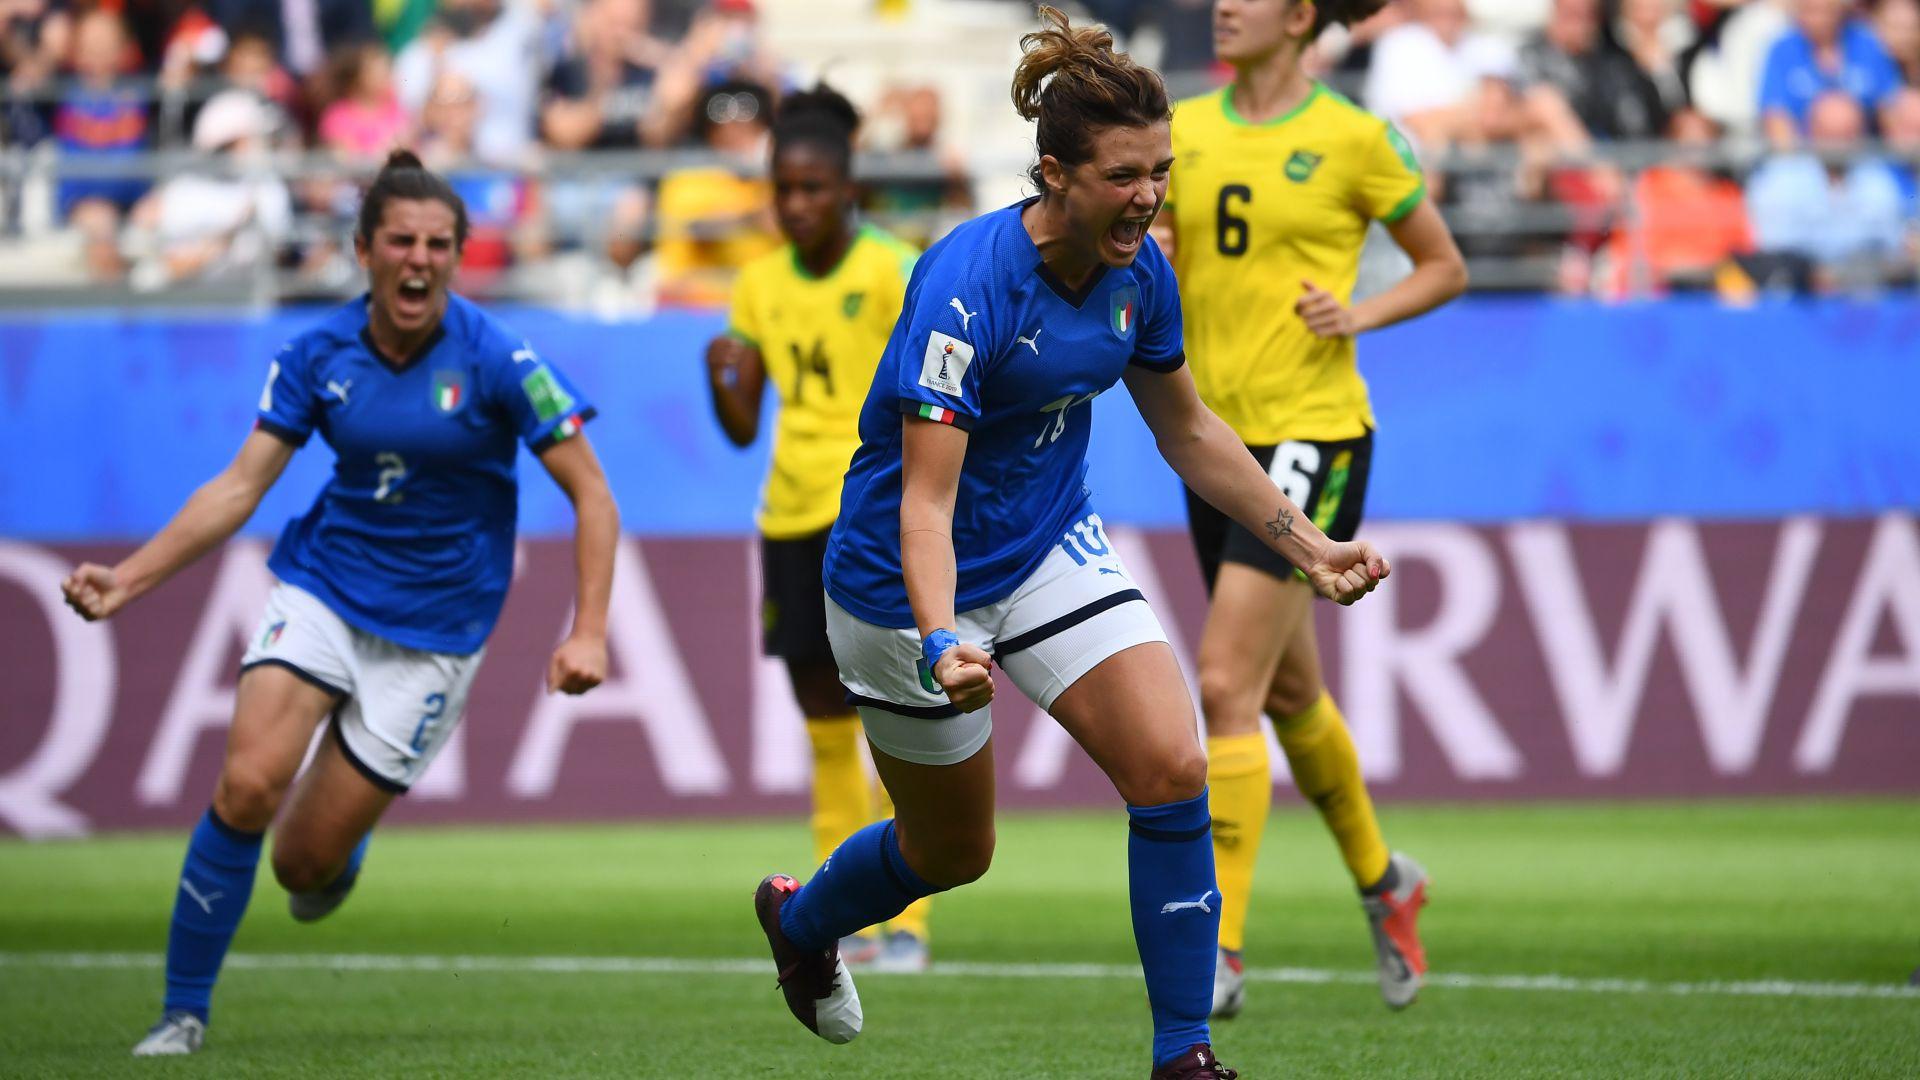 Mondiali femminili: l'Italia batte la Jamaica e balza al comando nel girone